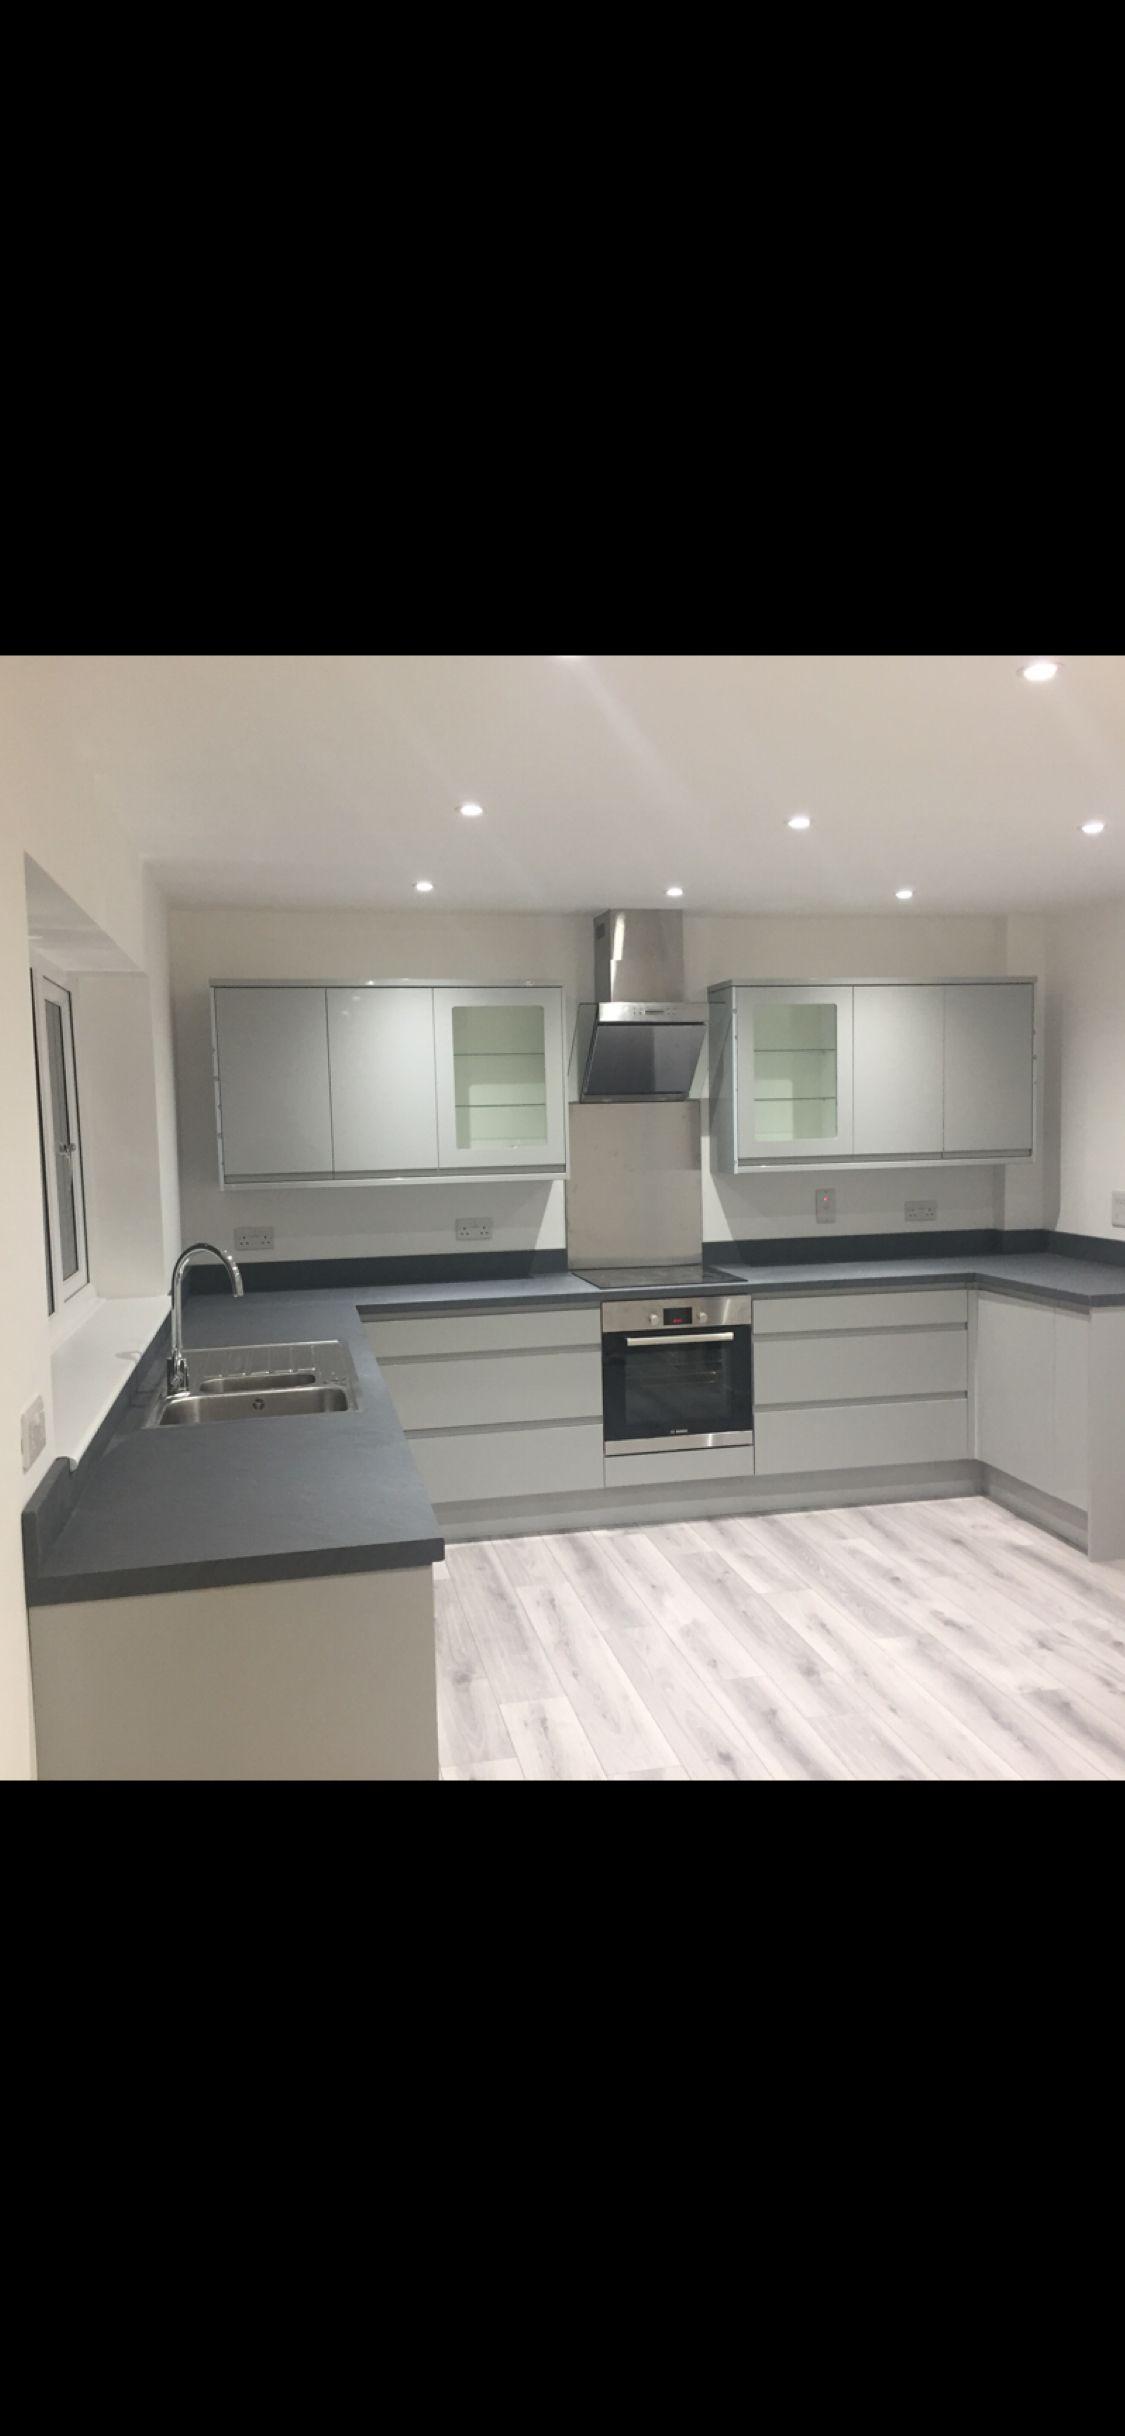 Küchendesignhaus grey modern kitchen  häuser in   pinterest  haus